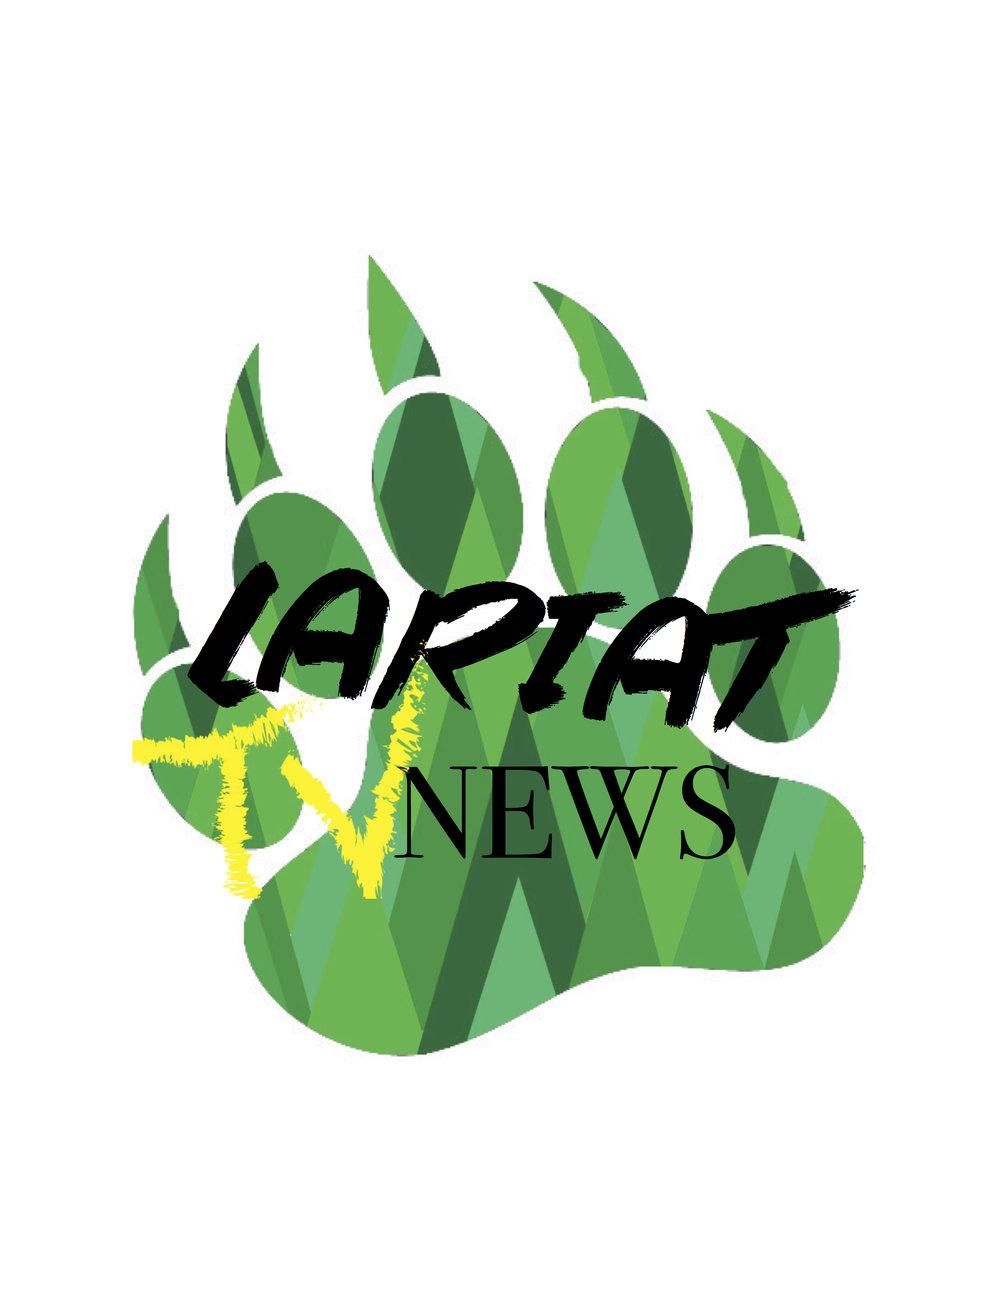 lariat tv news 1.jpg